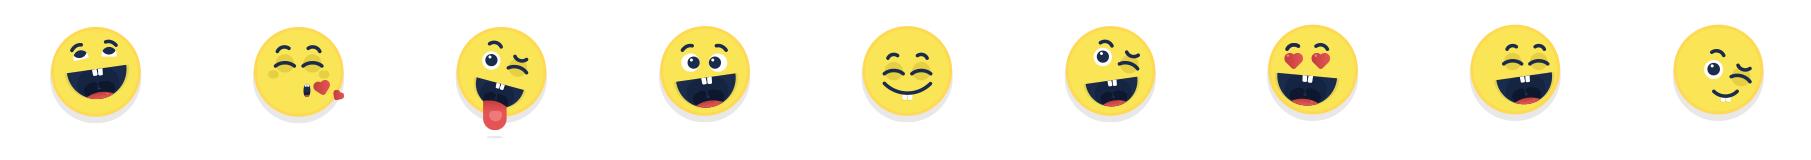 Share a smile emoji